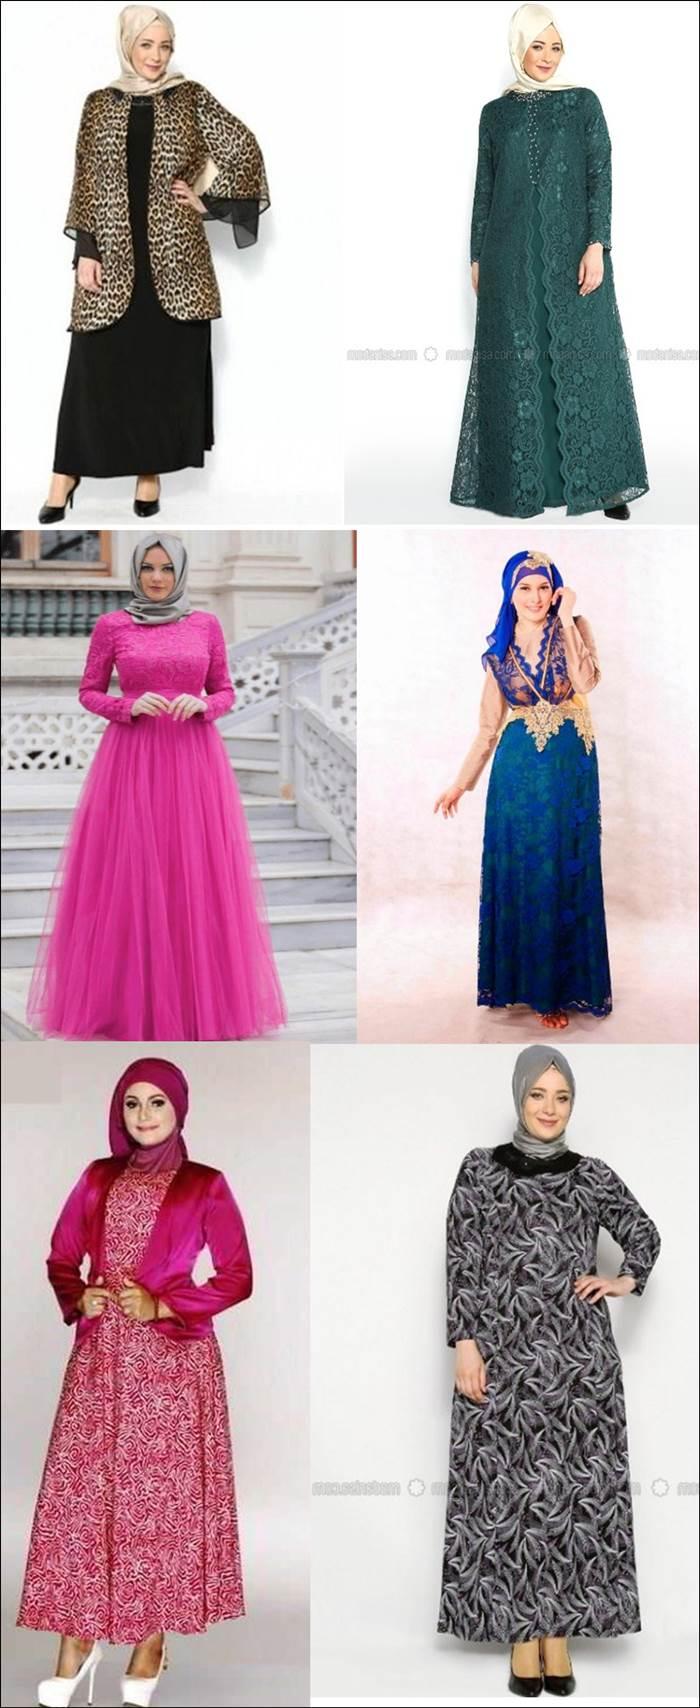 Tips Memilih Baju Kondangan Buat Orang Gemuk Spesialis Gemuk